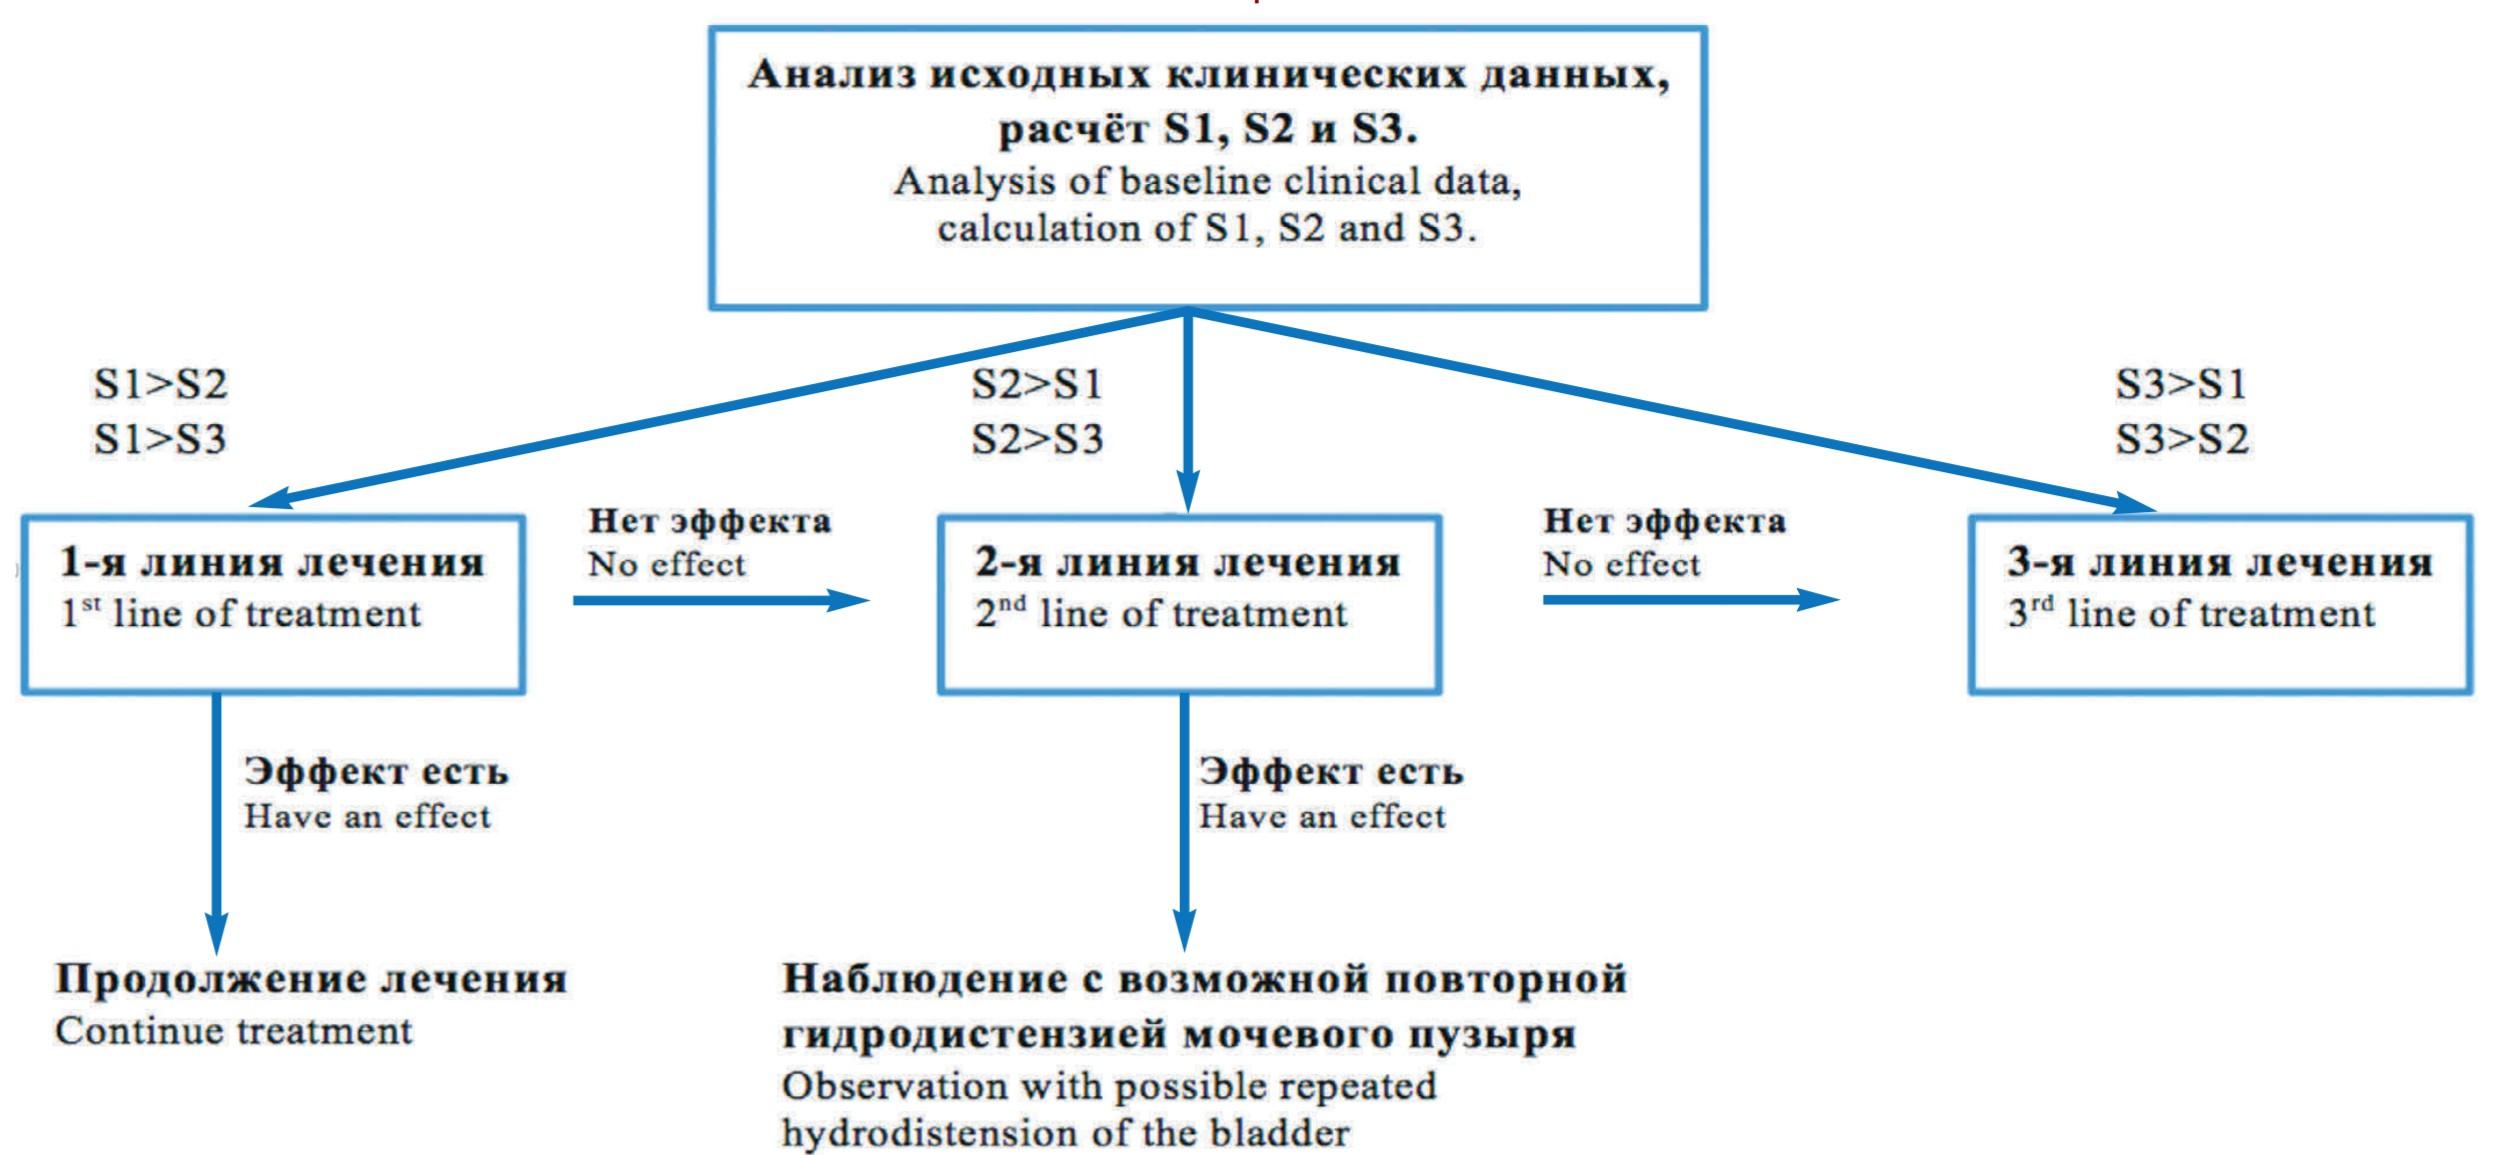 Рис. 2. Изменение клинических признаков у больных с эффективностью 2-и линии ̆ лечения (n=46)